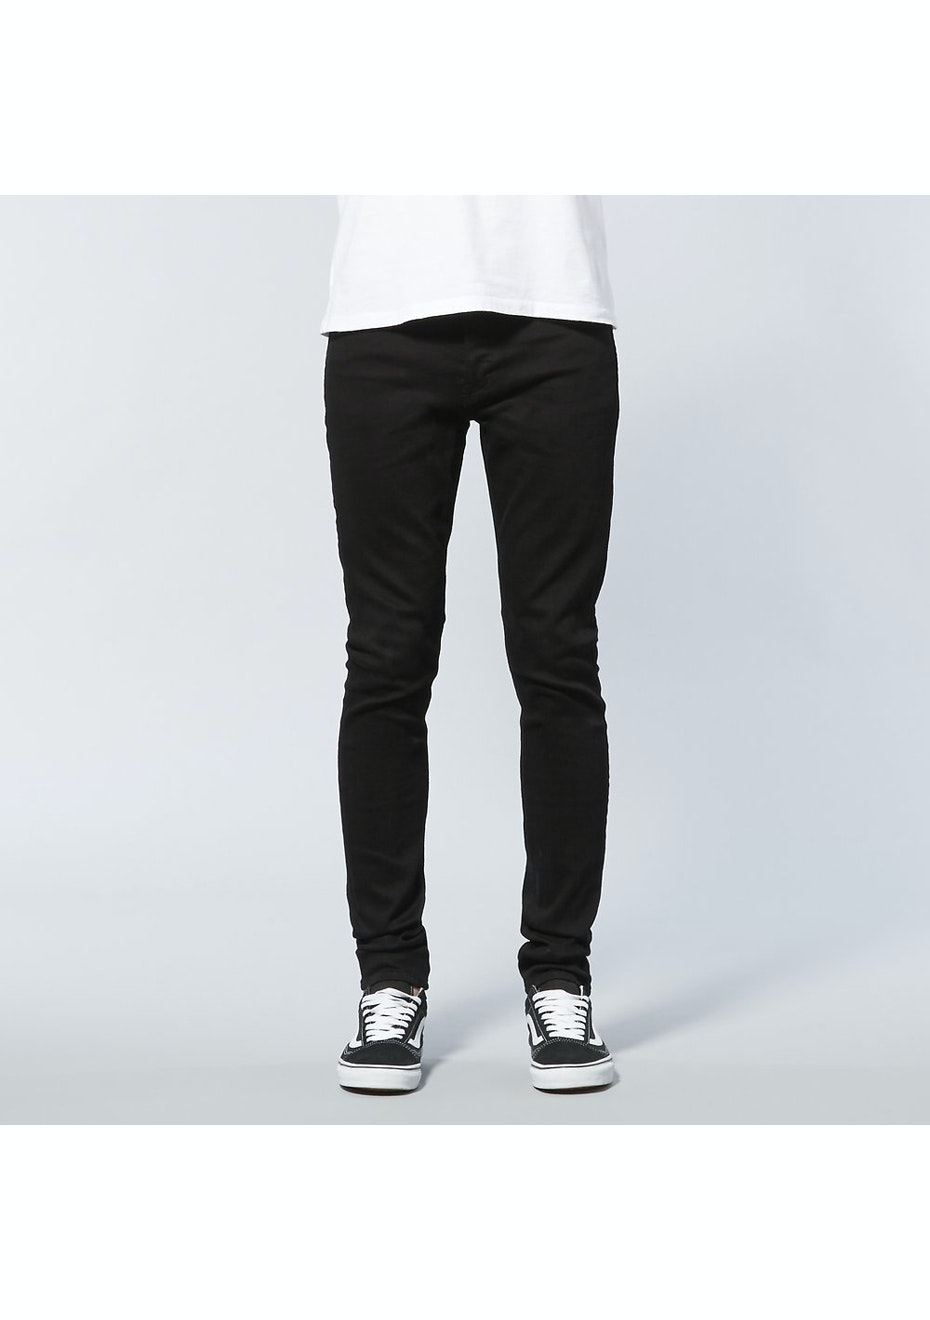 Lee - L0 Skinny  - Prime Black